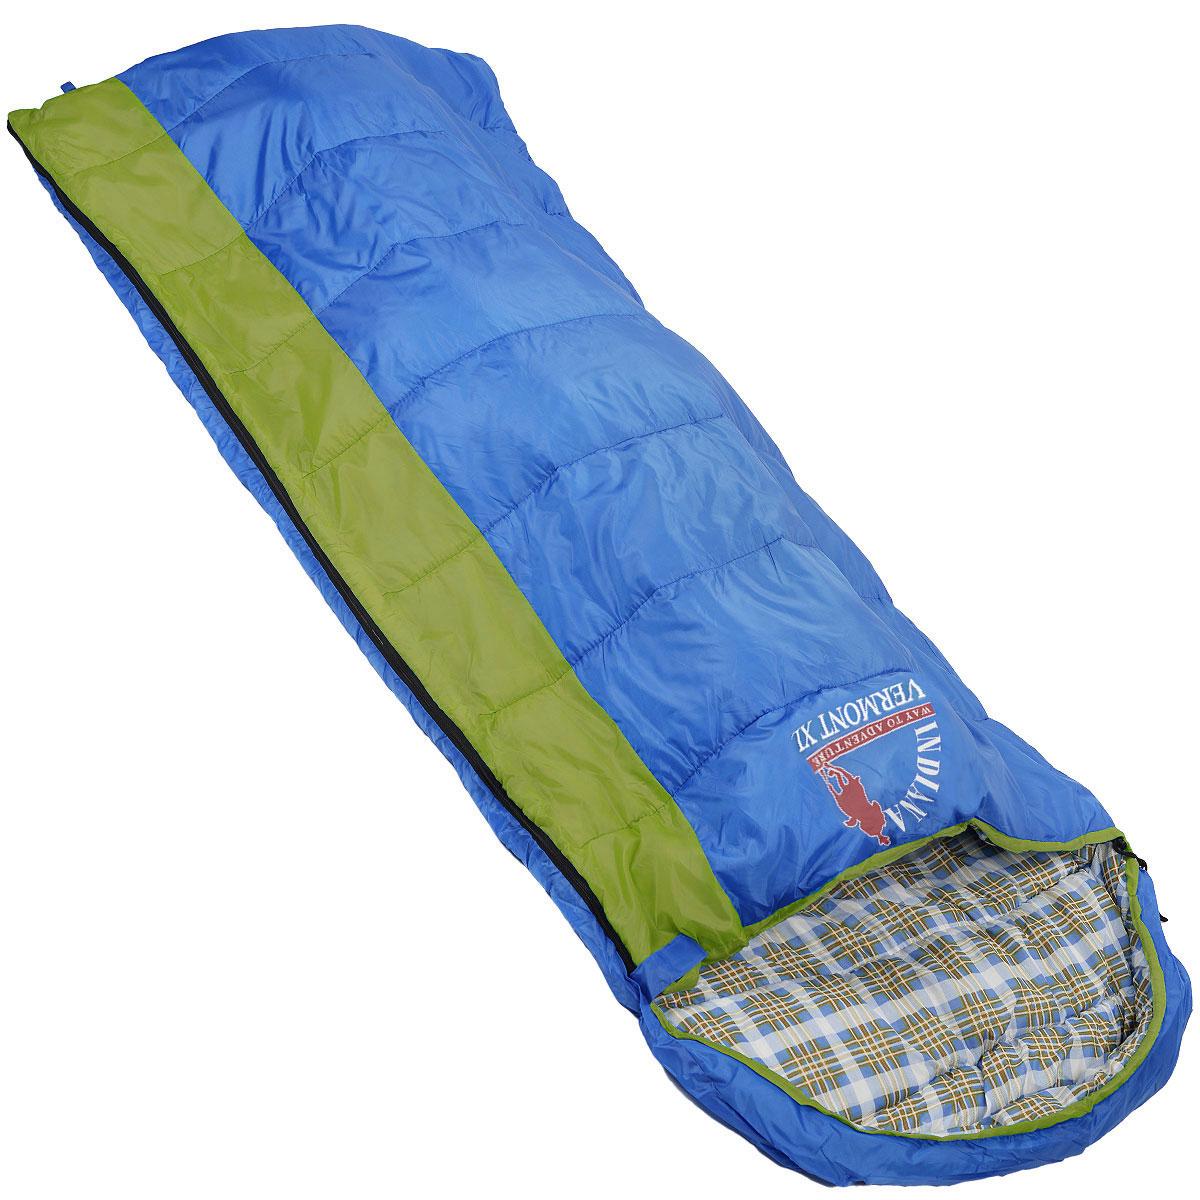 Мешок спальный Indiana Vermont Xl, левосторонняя молния, 185 см х 95 см360700037Самый популярный трехсезонный спальник-одеяло с подголовником, предназначен для комфортного сна даже в холодное время года. Спальный мешок Indiana Vermont Xl не только убережет вас от холода, но и, благодаря увеличенным размерам, обеспечит максимально комфортные условия для вашего сна. Разъемная молния позволяет состыковать два спальника в один большой.